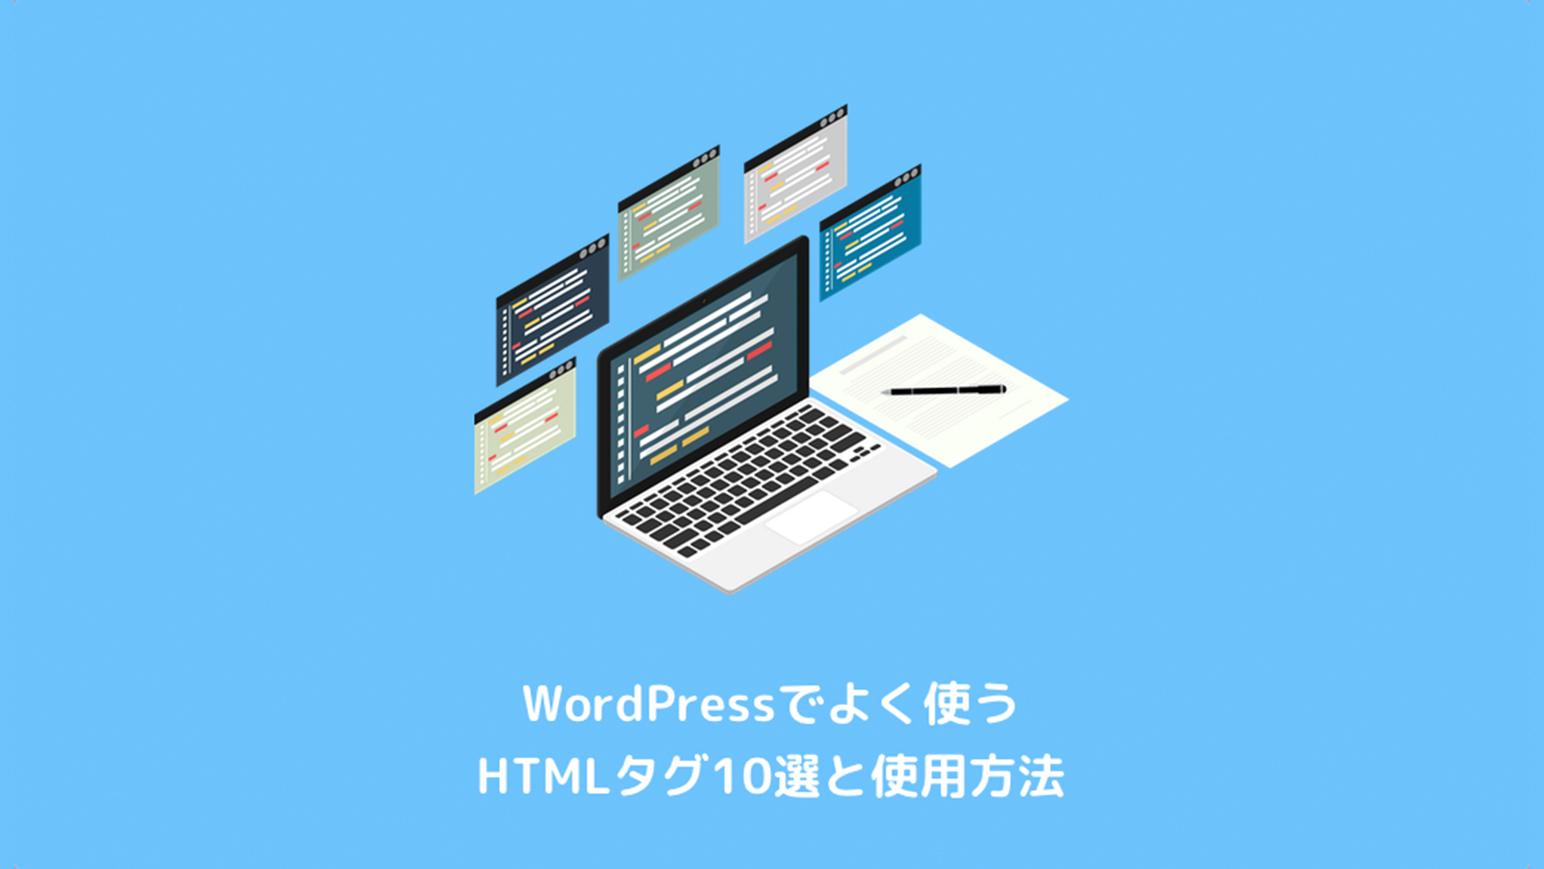 WordPressでよく使うHTMLタグ10選と使用方法のアイキャッチ